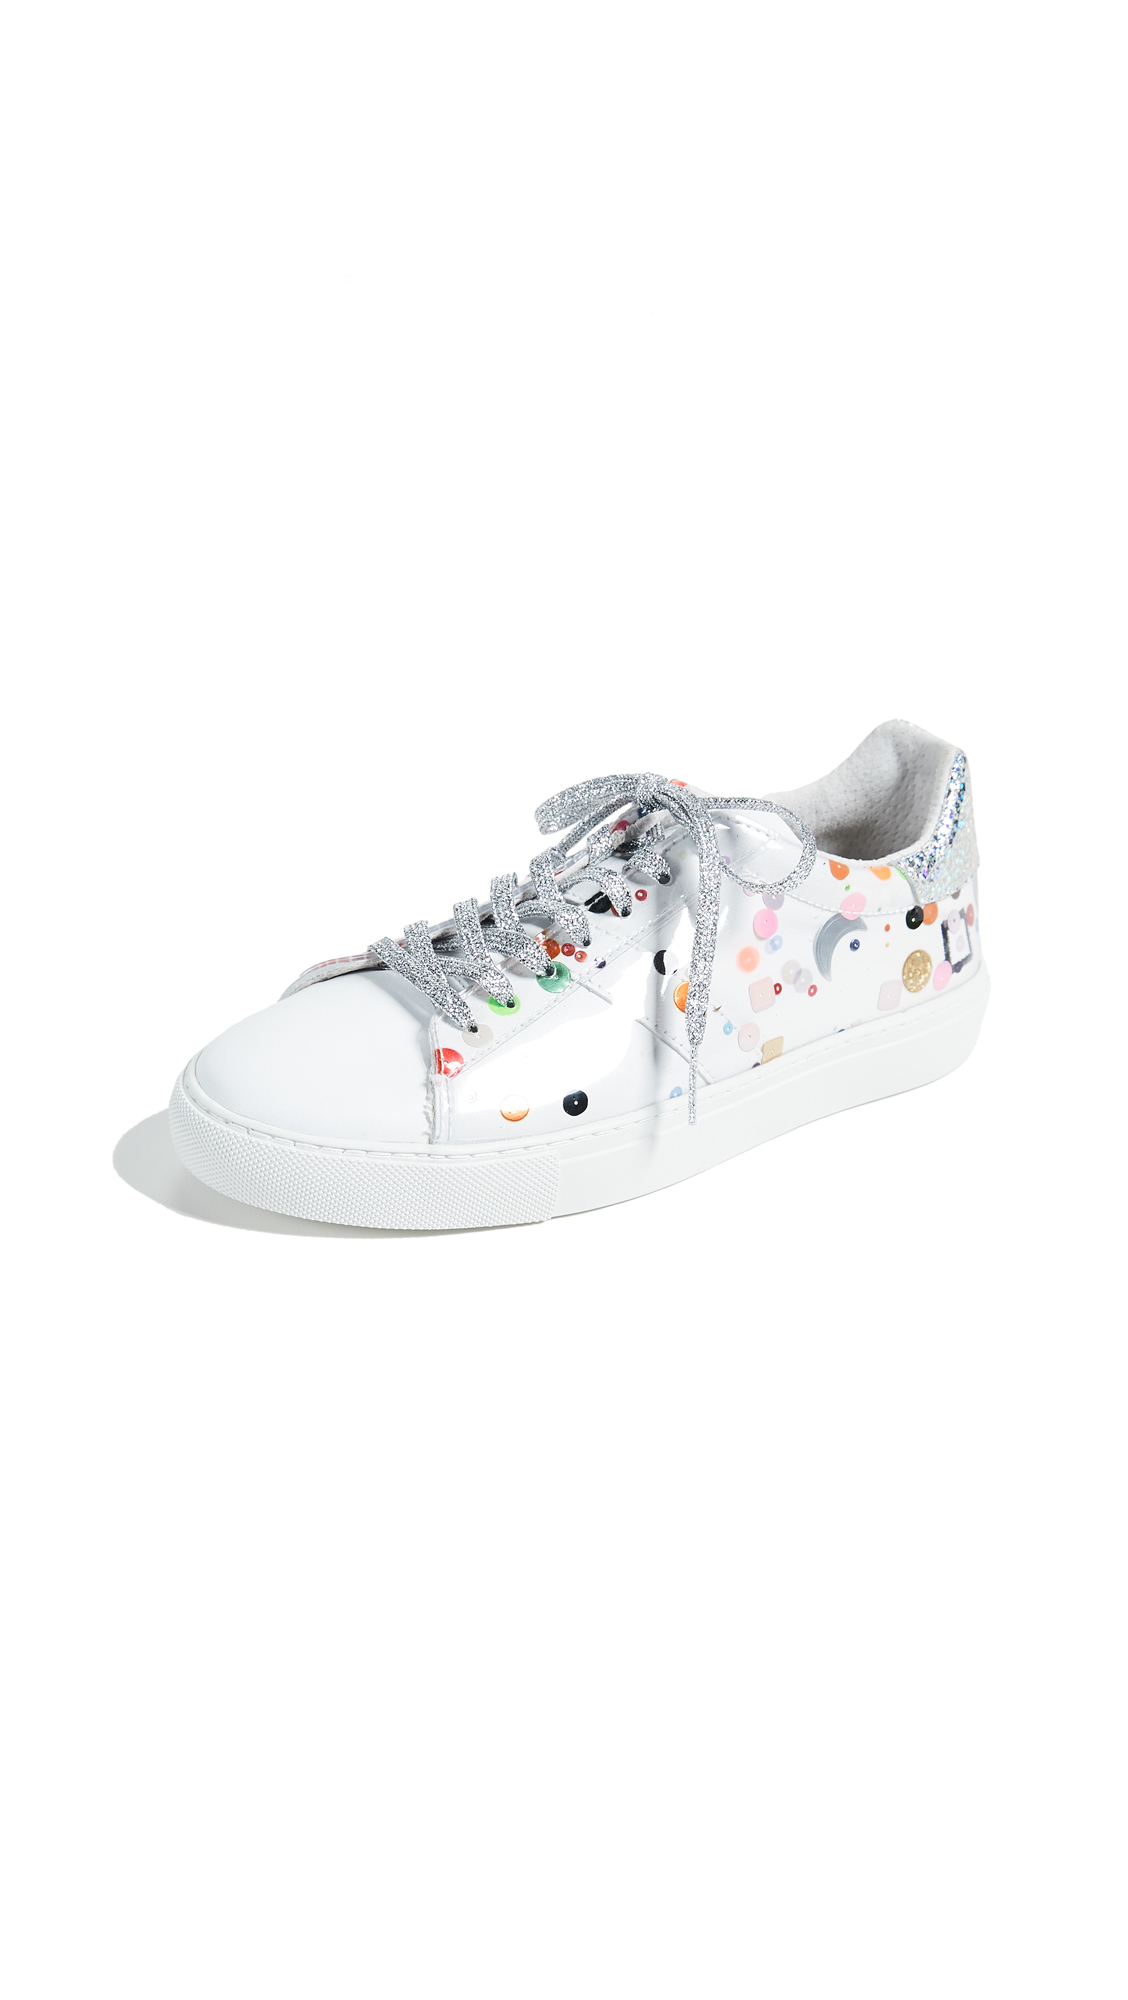 D.A.T.E. Newman High Tech Sneakers - Paillette Transparent